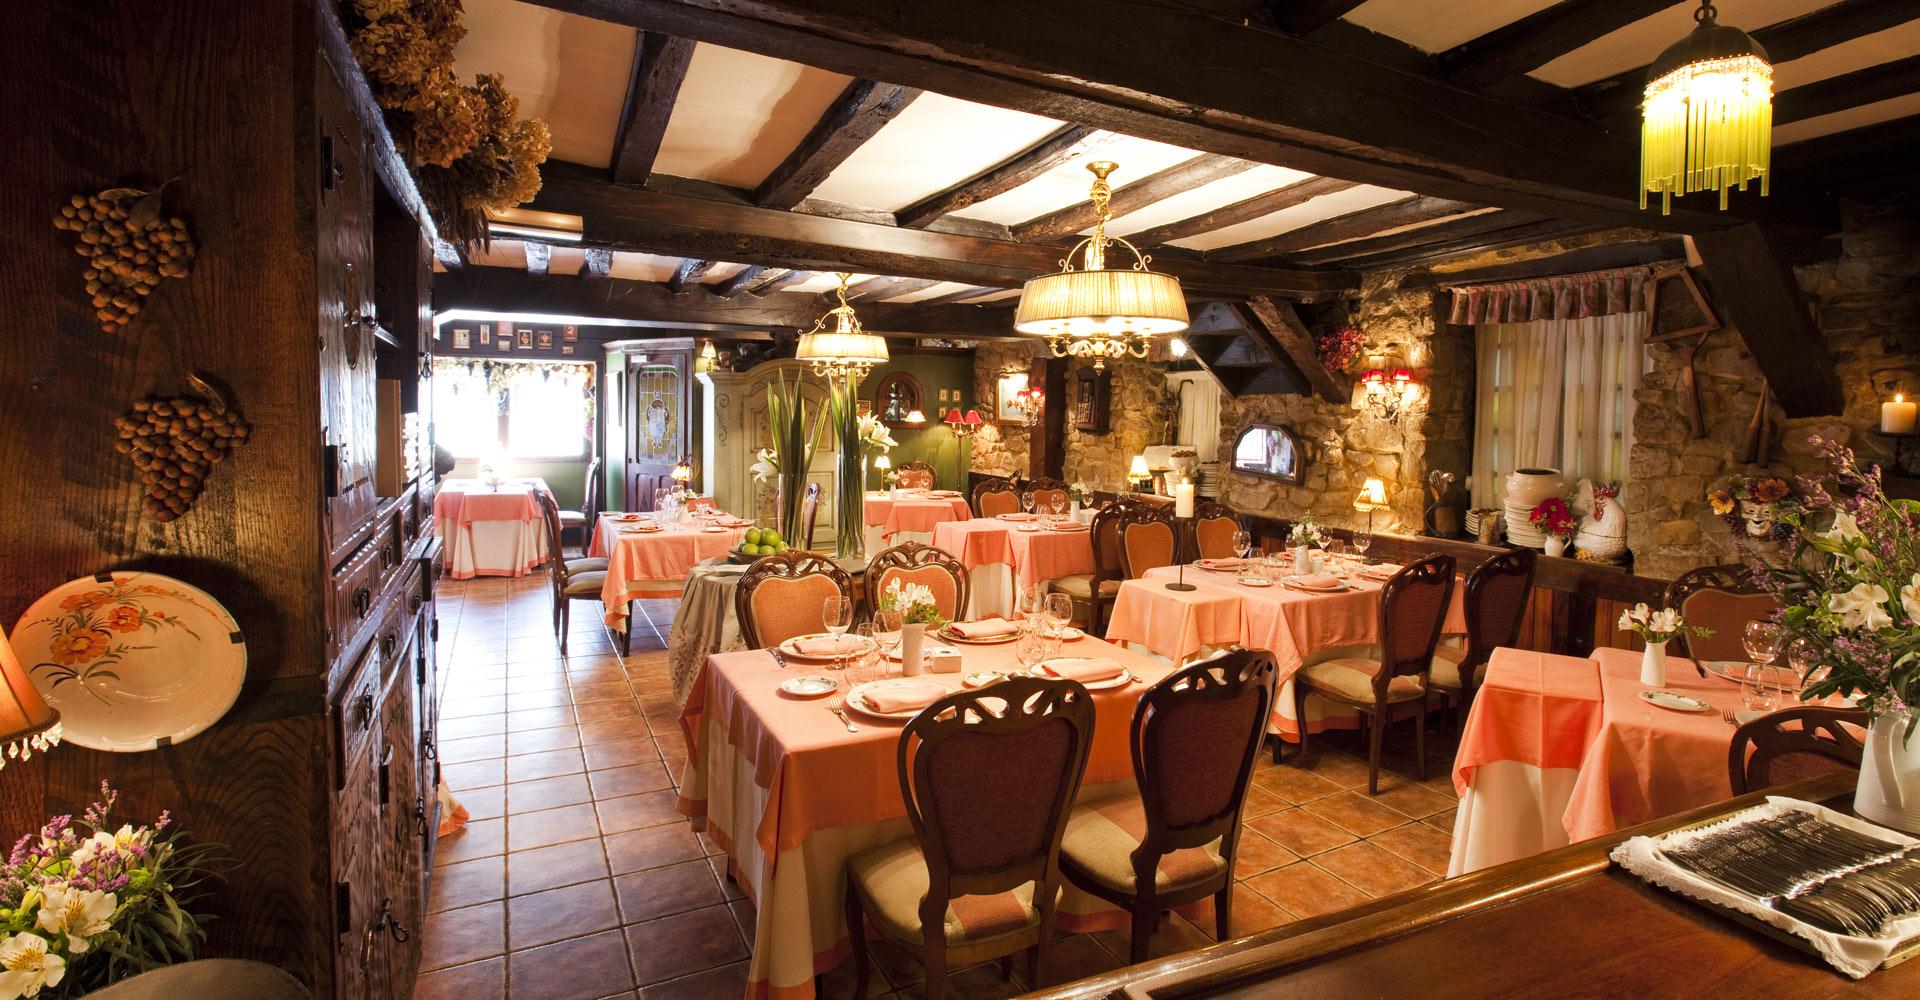 Restaurante otzarreta restaurante en zarautz gipuzkoa for Diseno de restaurantes